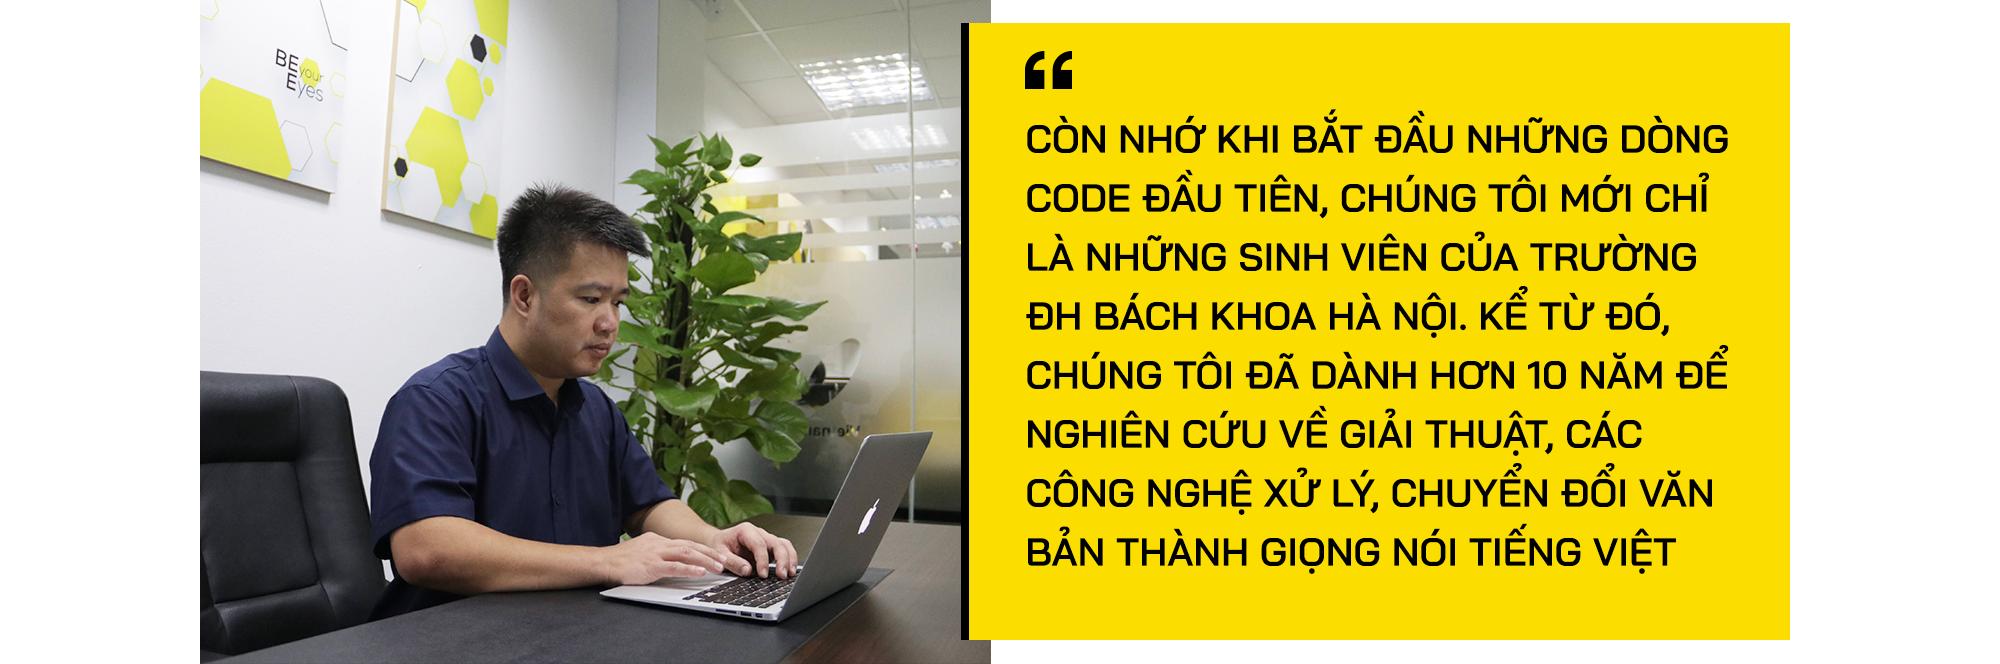 Vbee - Chặng đường 12 năm xây dựng giải pháp ngôn ngữ cho người Việt - 3